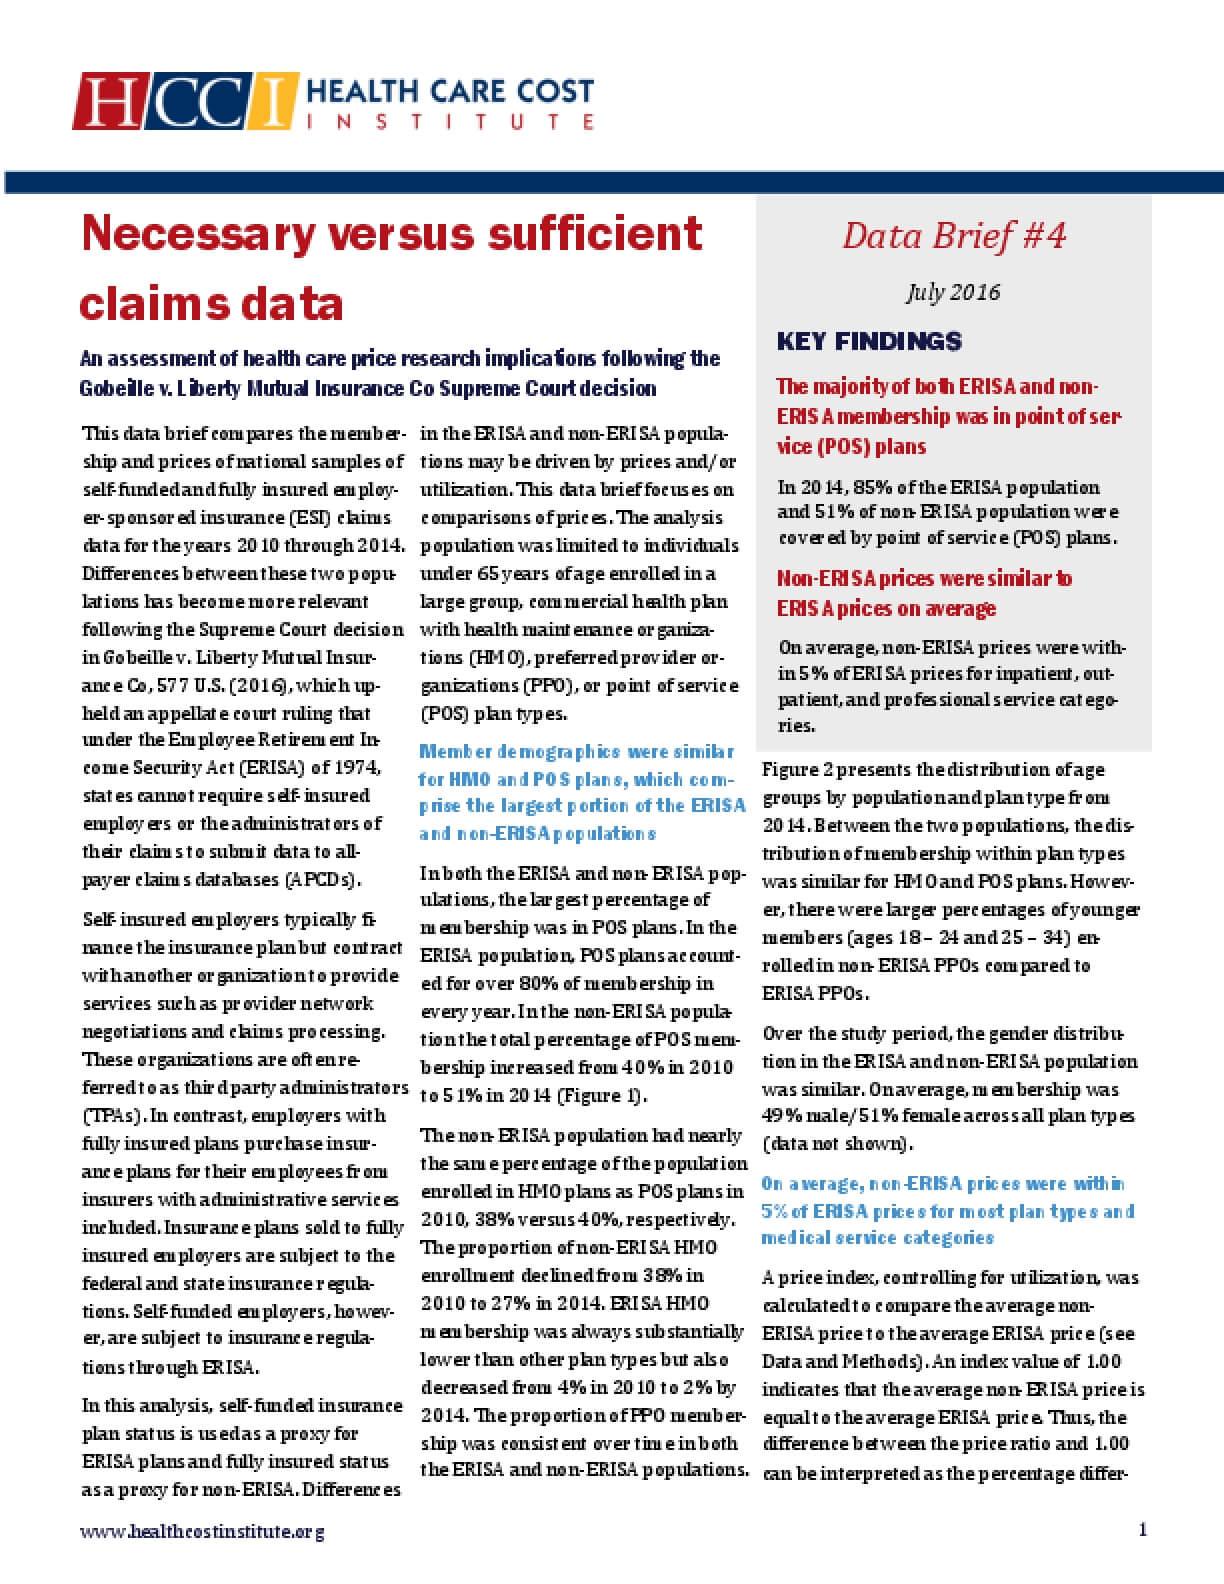 Necessary Versus Sufficient Claims Data